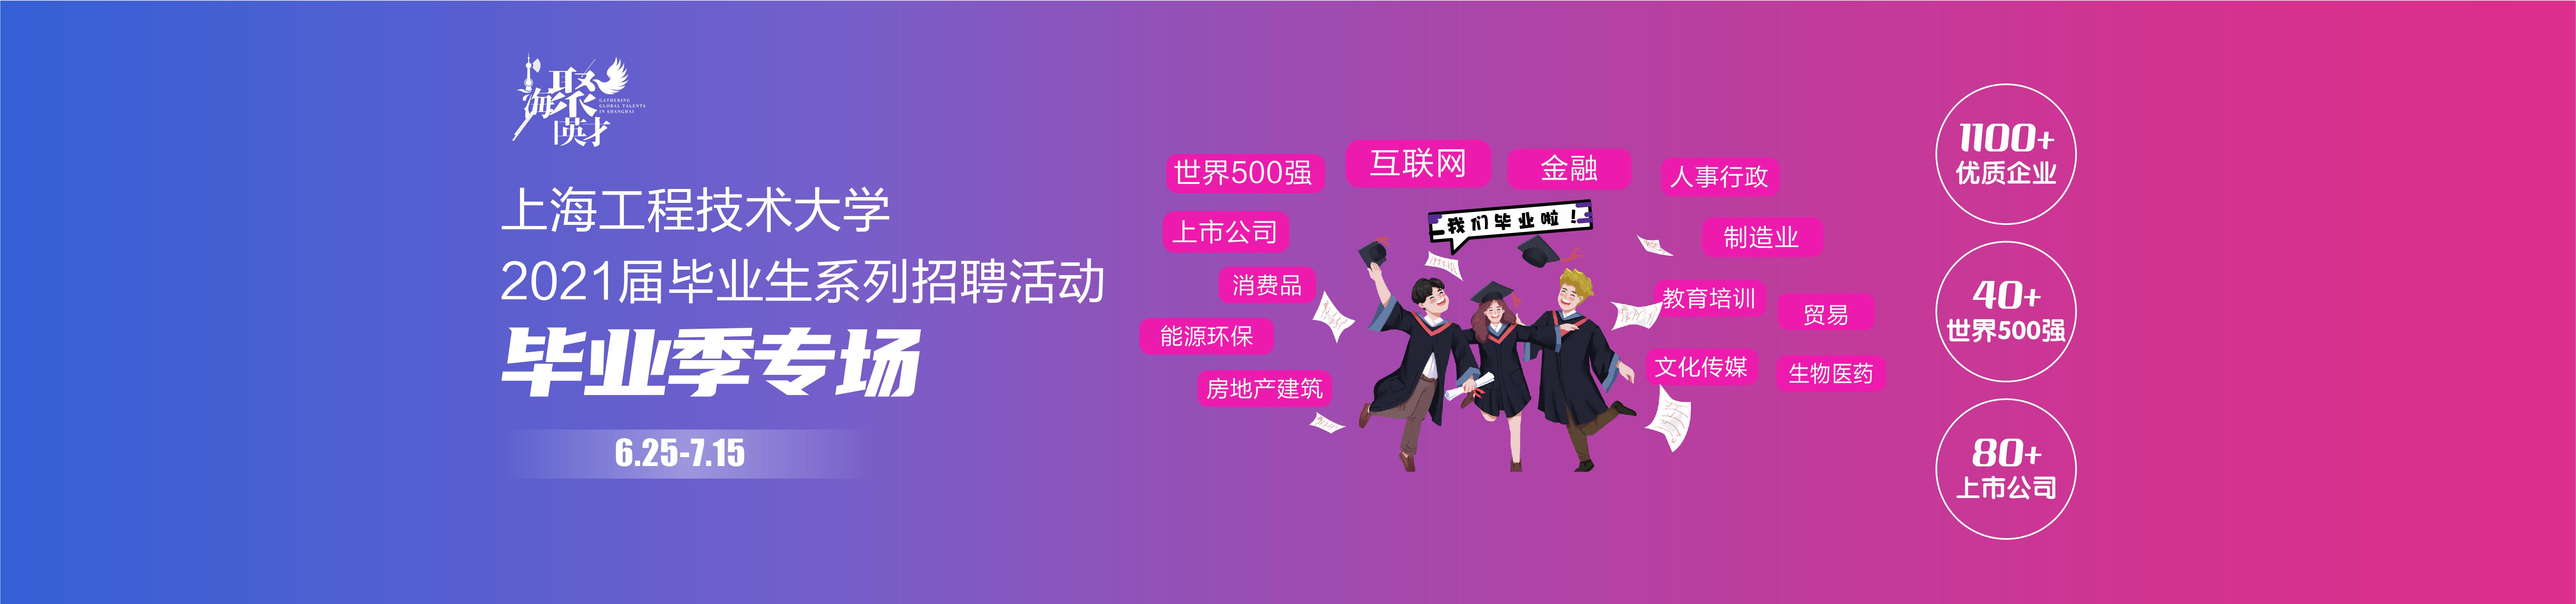 上海工程技术大学2021届毕业生系列招聘活动毕业季专场招聘